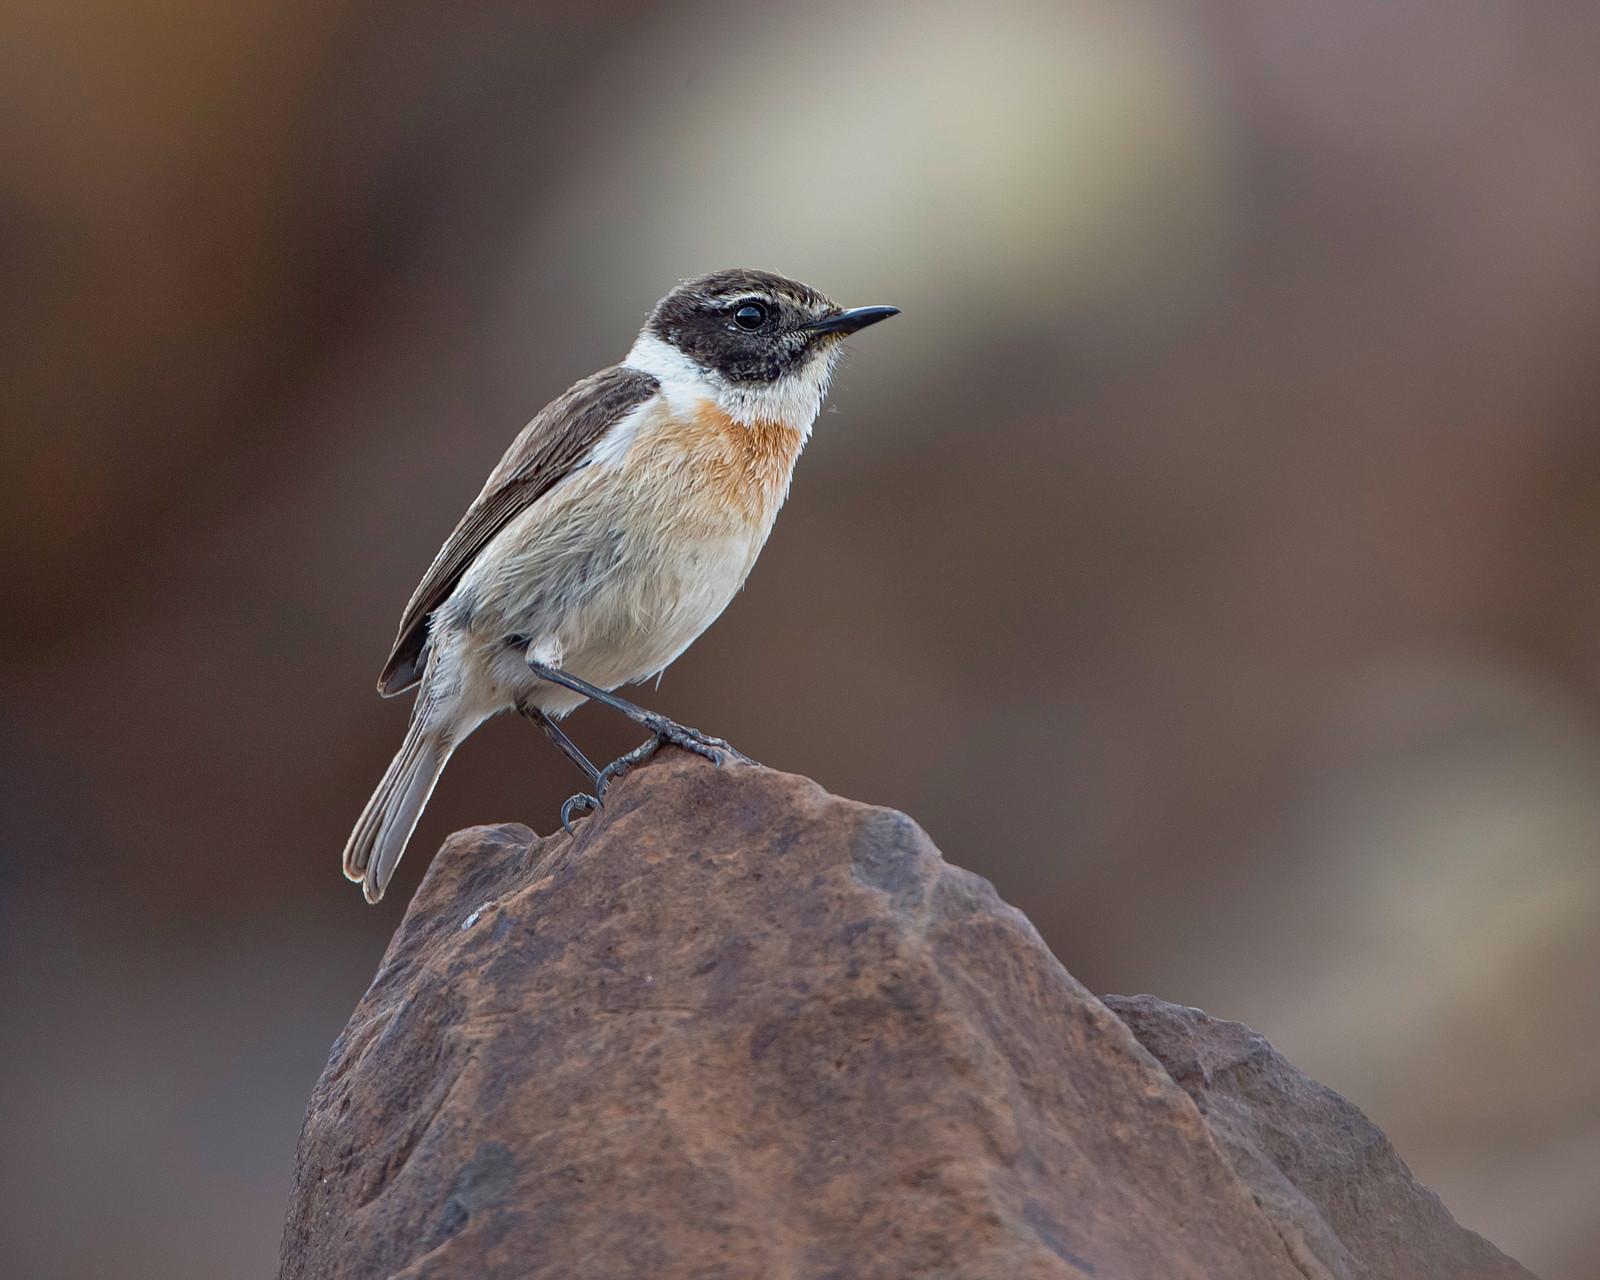 ...die ausschliesslich auf Fuerteventura brütet (nirgendwo anders auf der Erde)